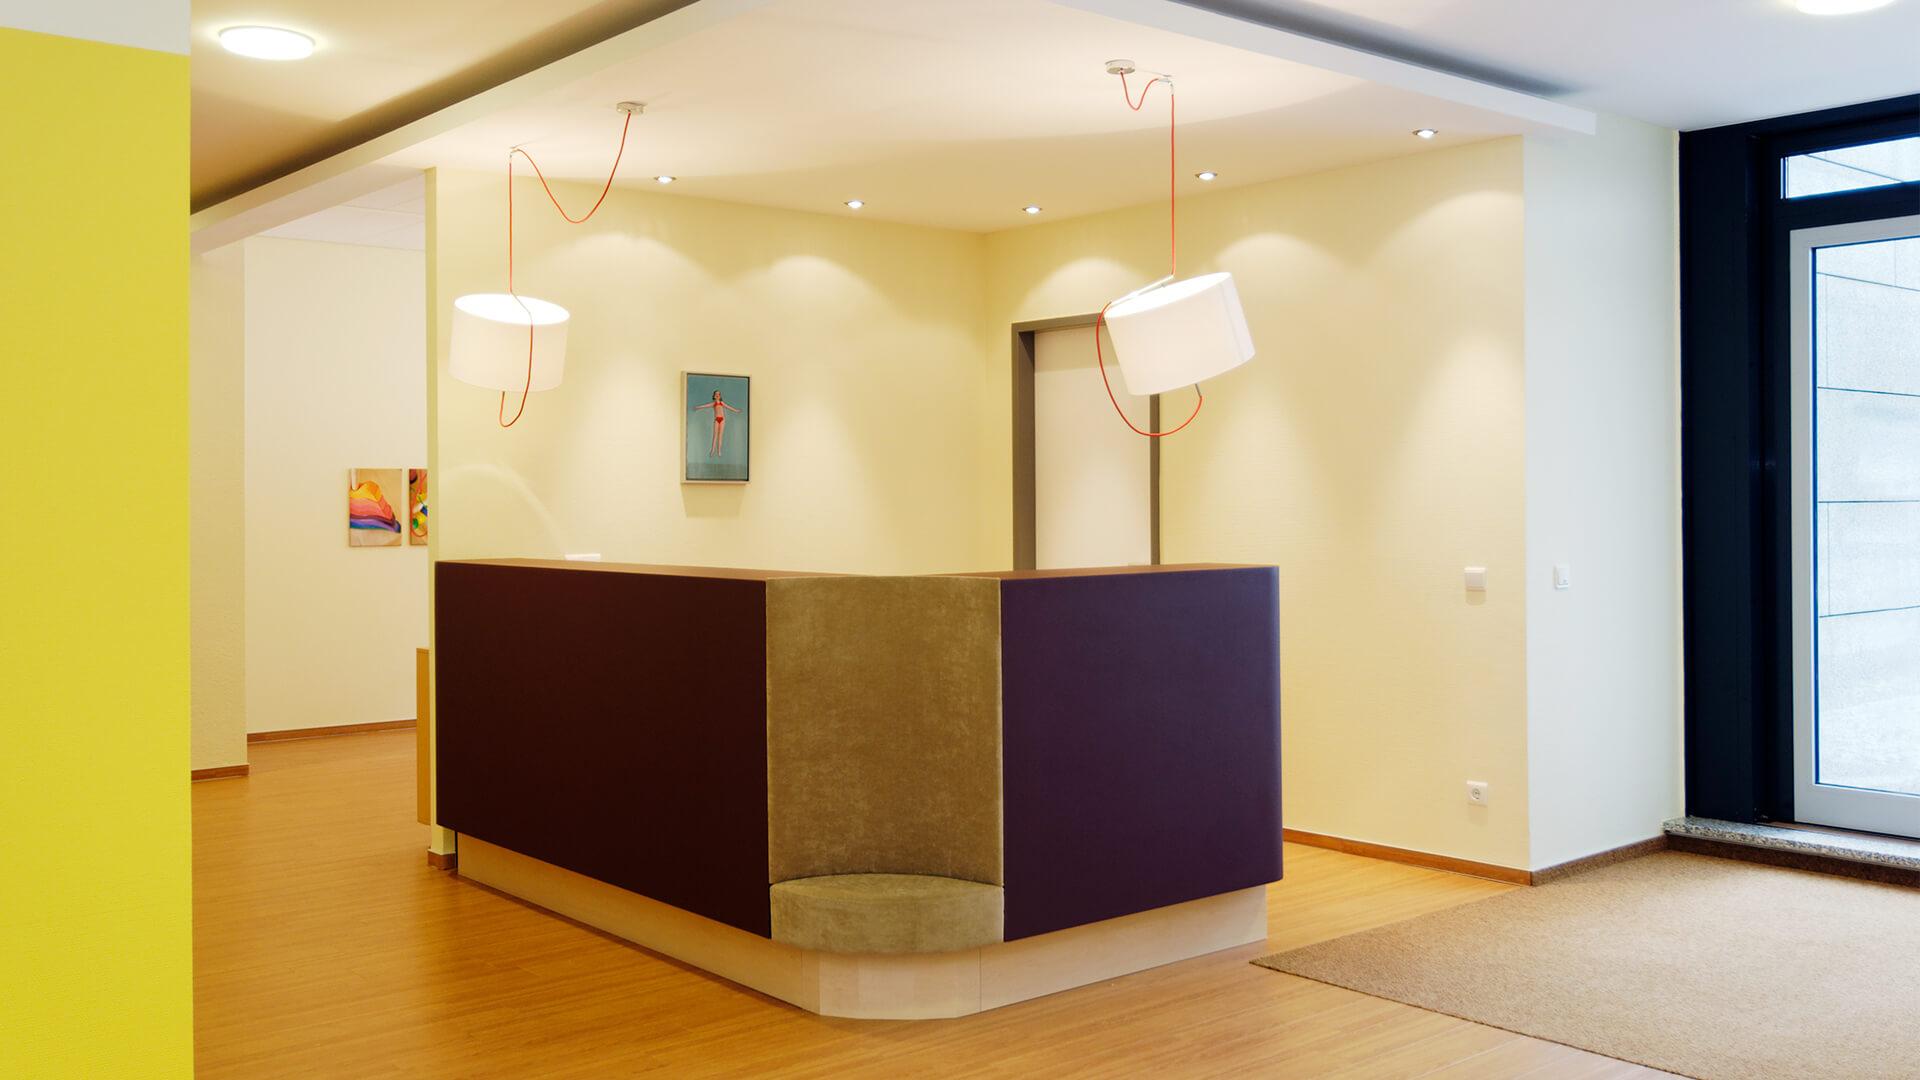 Empfang der Kita in Ratingen - flauschig-kreativ-modern in Lilatönen und mit Bildern an den Wänden